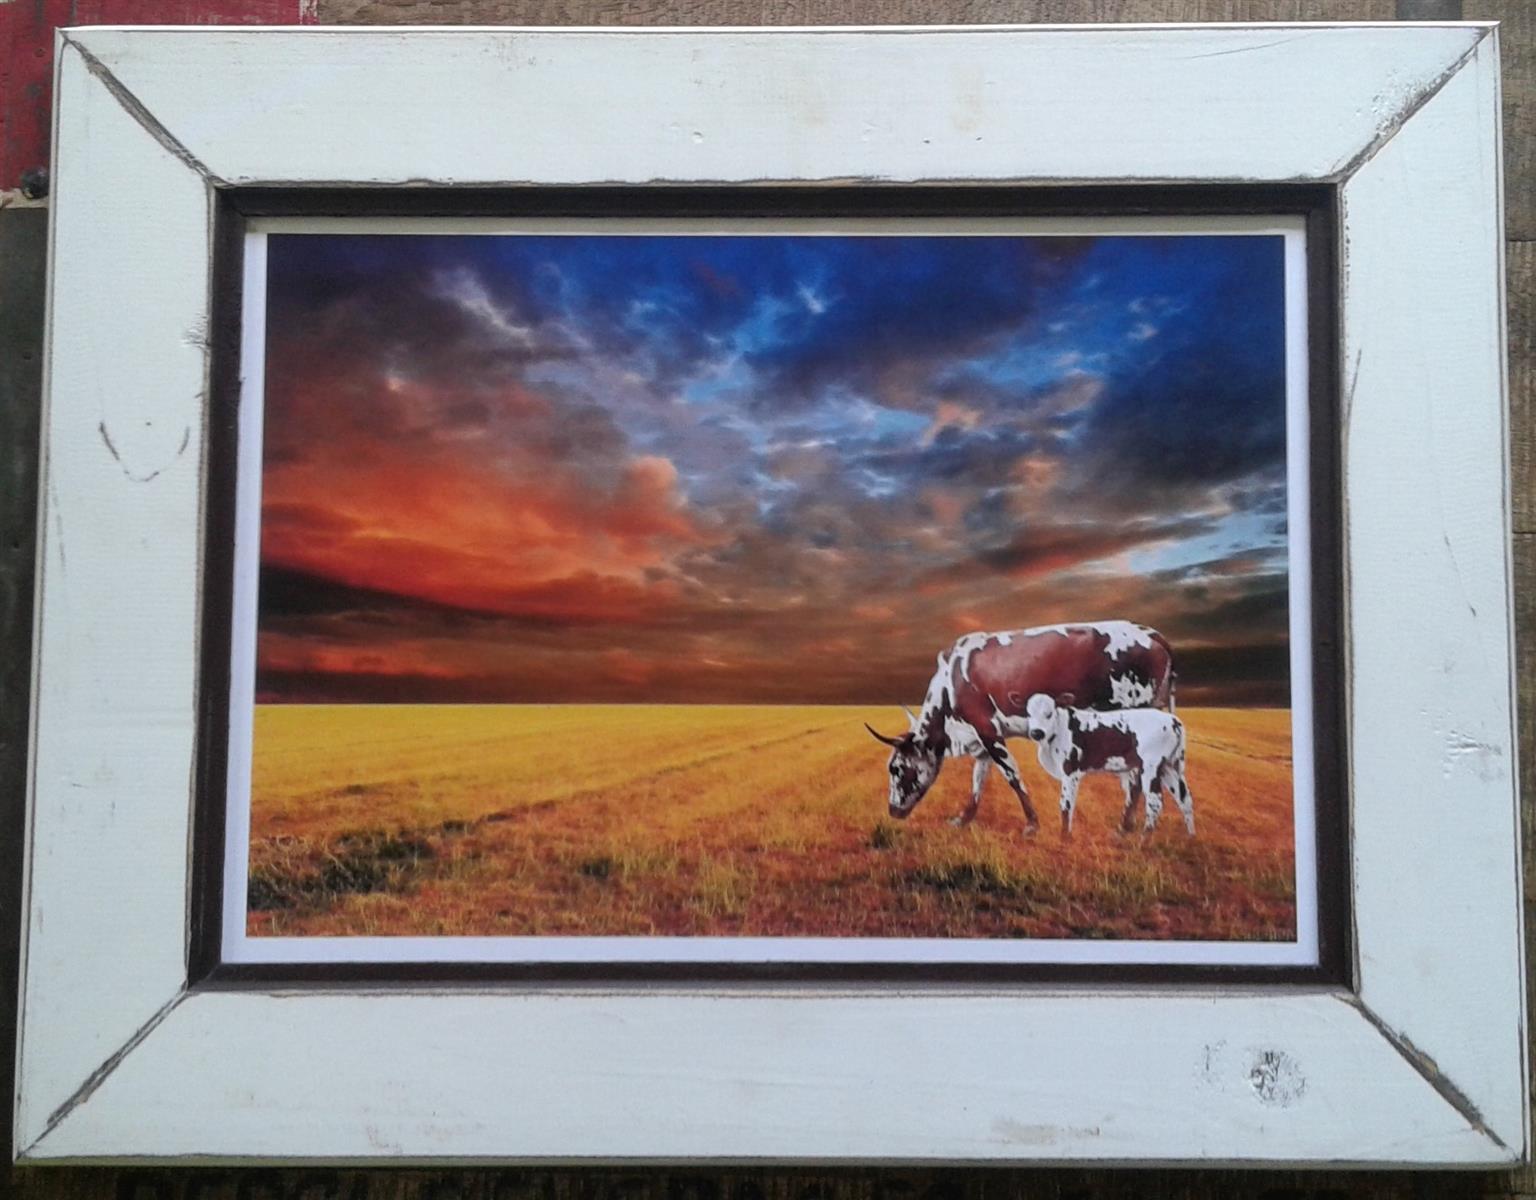 Framed Print: Nguni Cattle. Home decor. Art